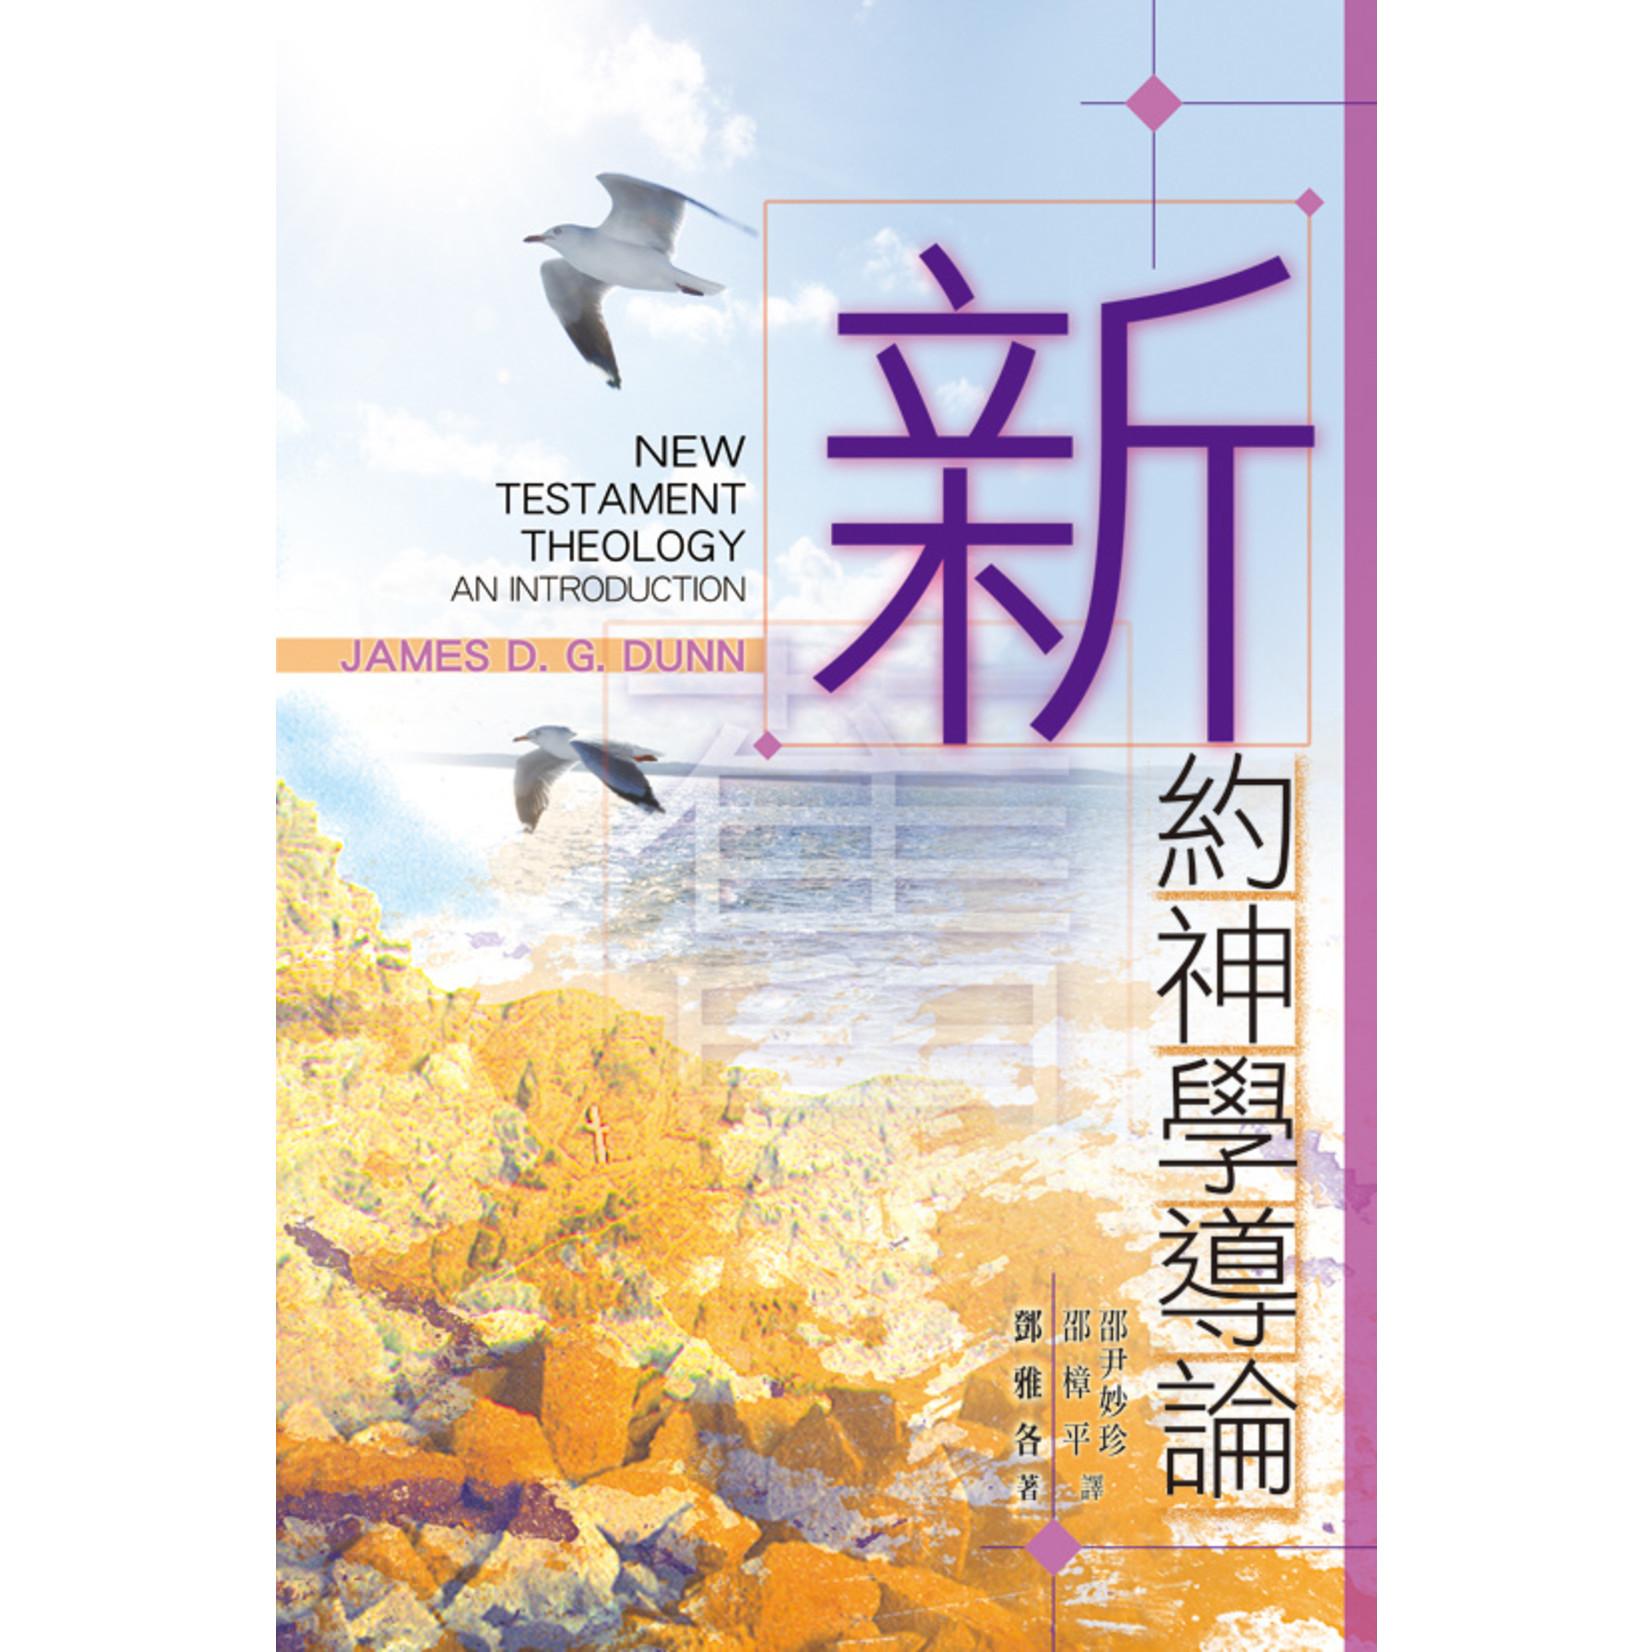 天道書樓 Tien Dao Publishing House 新約神學導論 New Testament Theology: an Introduction